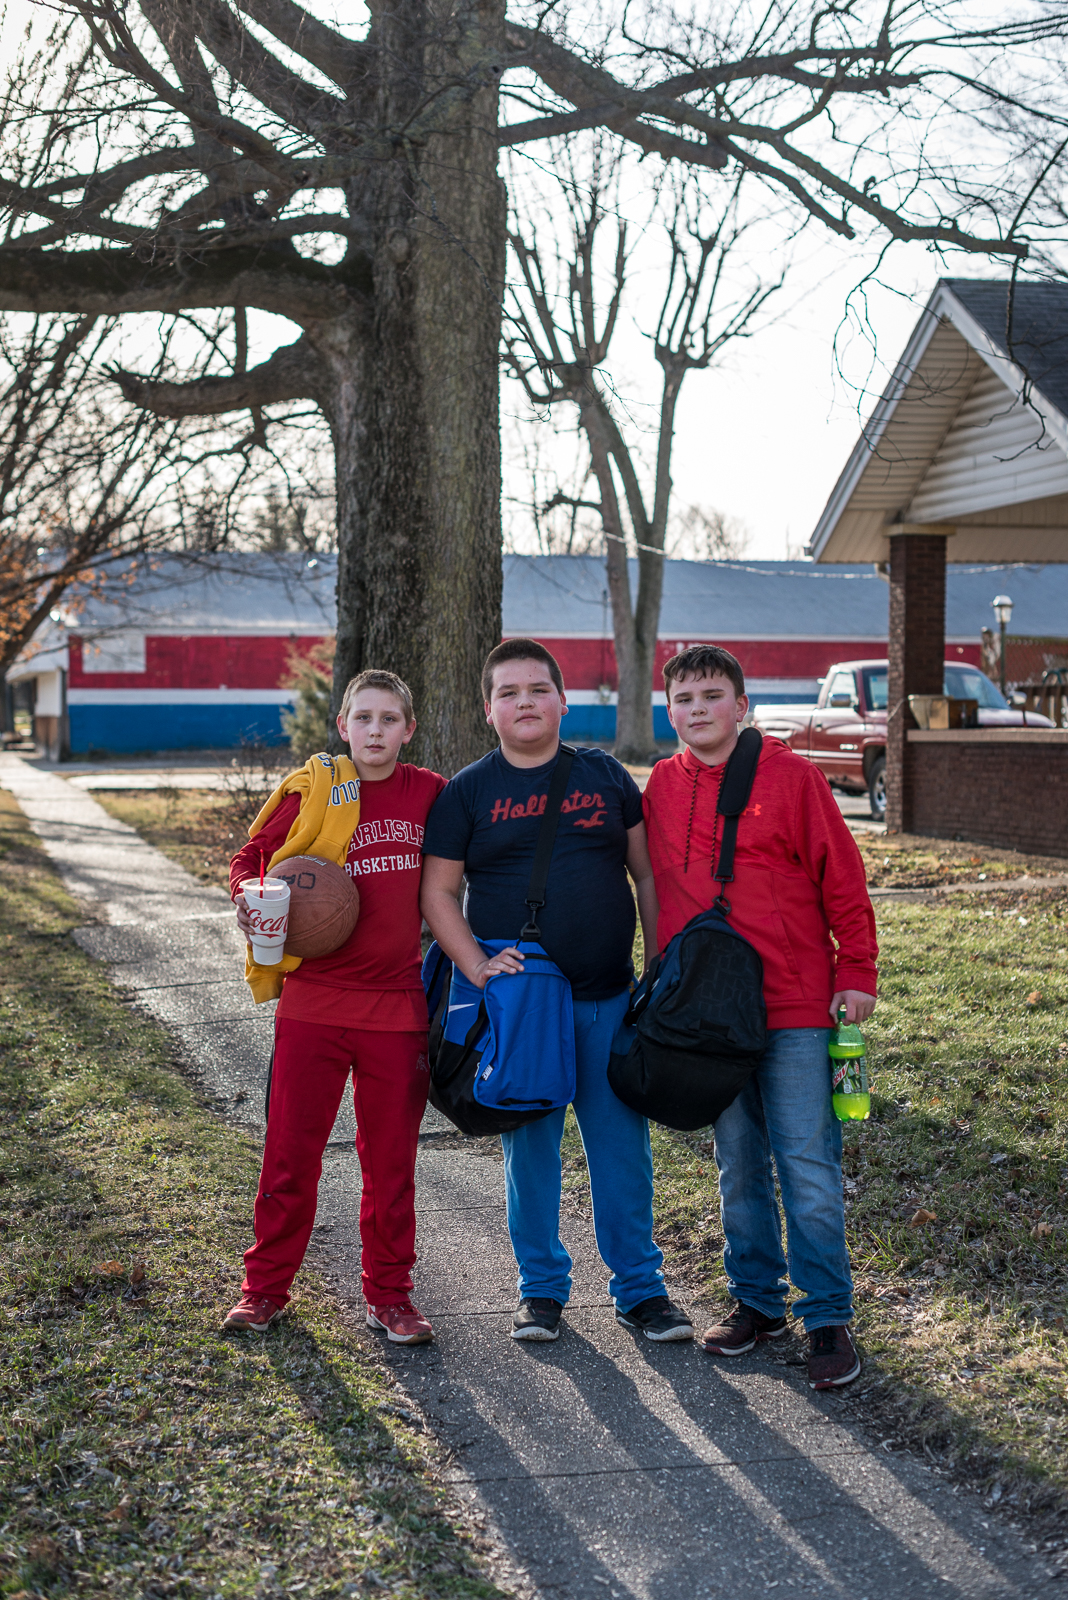 Youth, Carlisle, Indiana, 2017